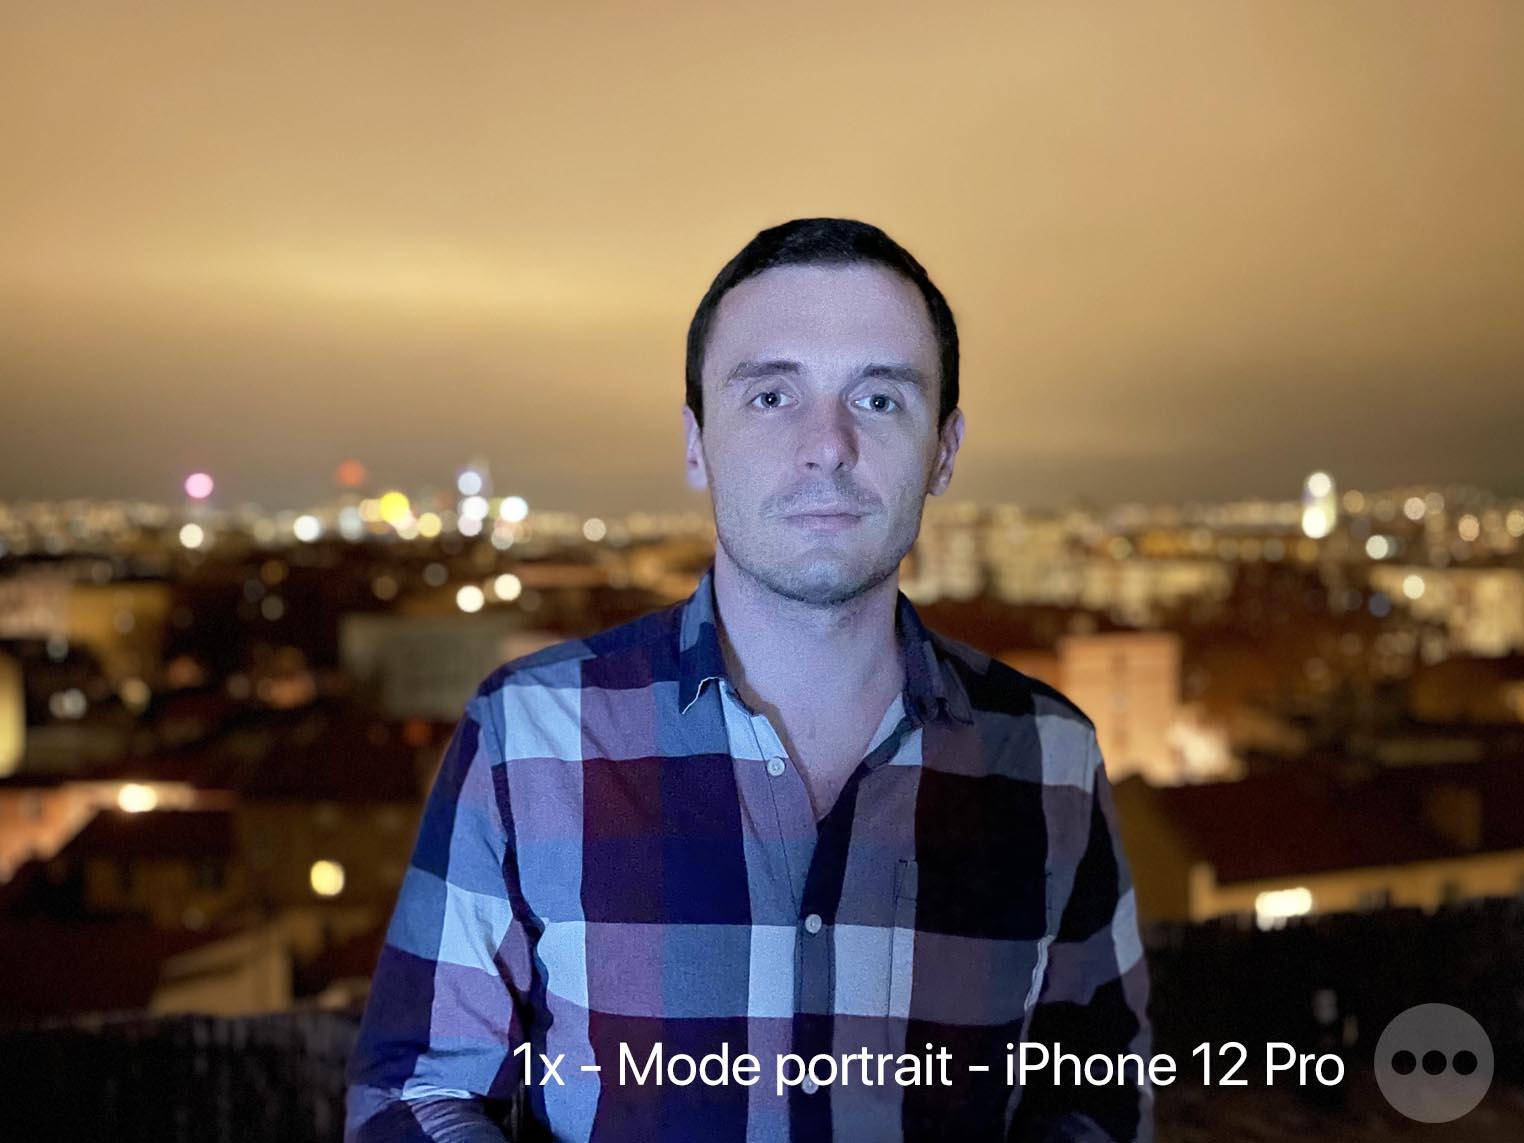 iPhone 12 mode portrait en mode nuit